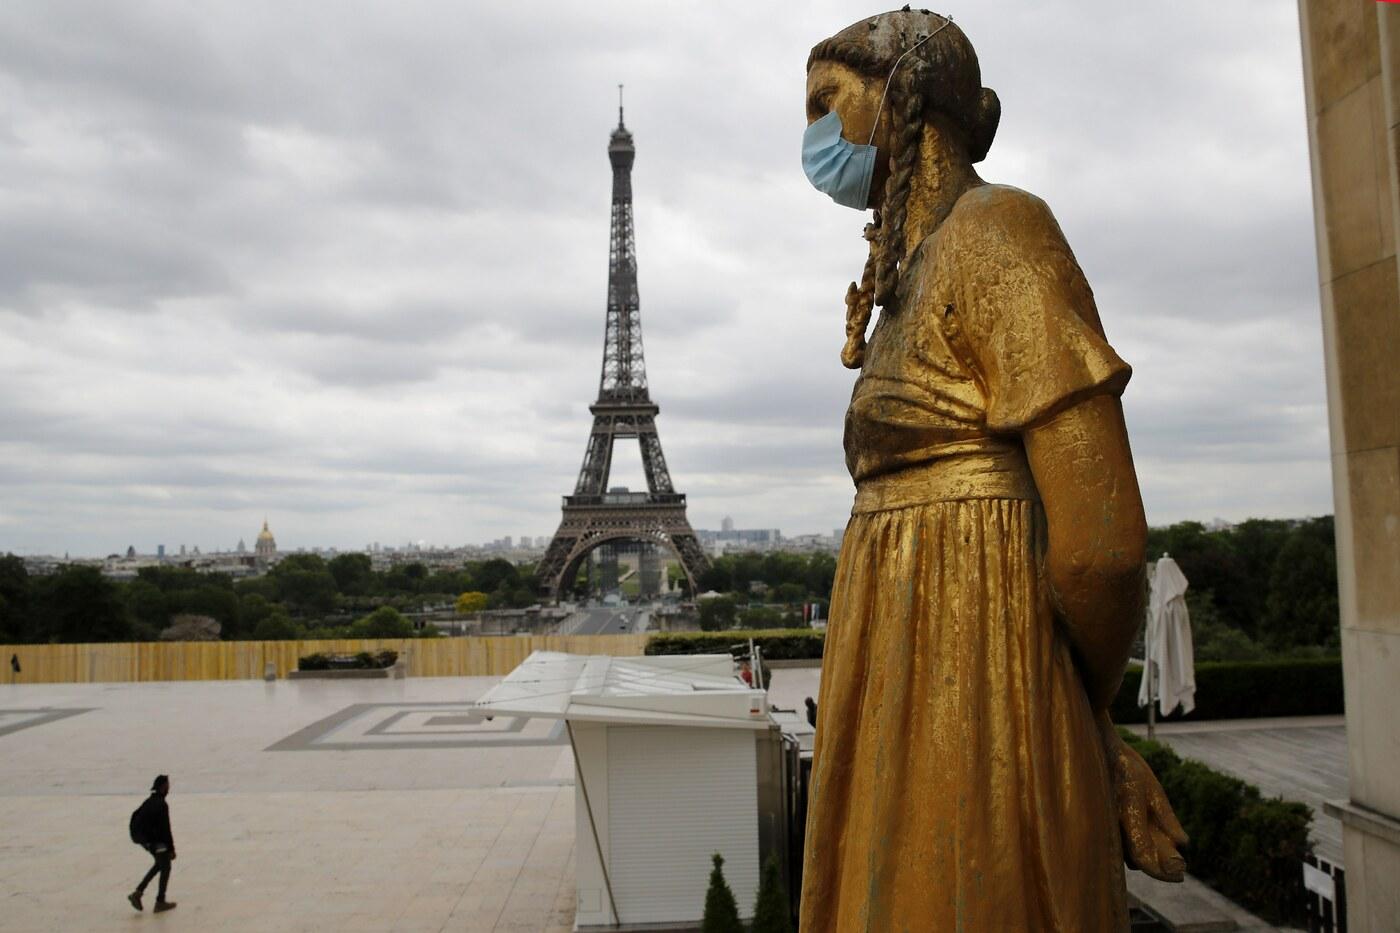 Coronavirus, per le strade di Parigi tamponi gratuiti e senza ricetta